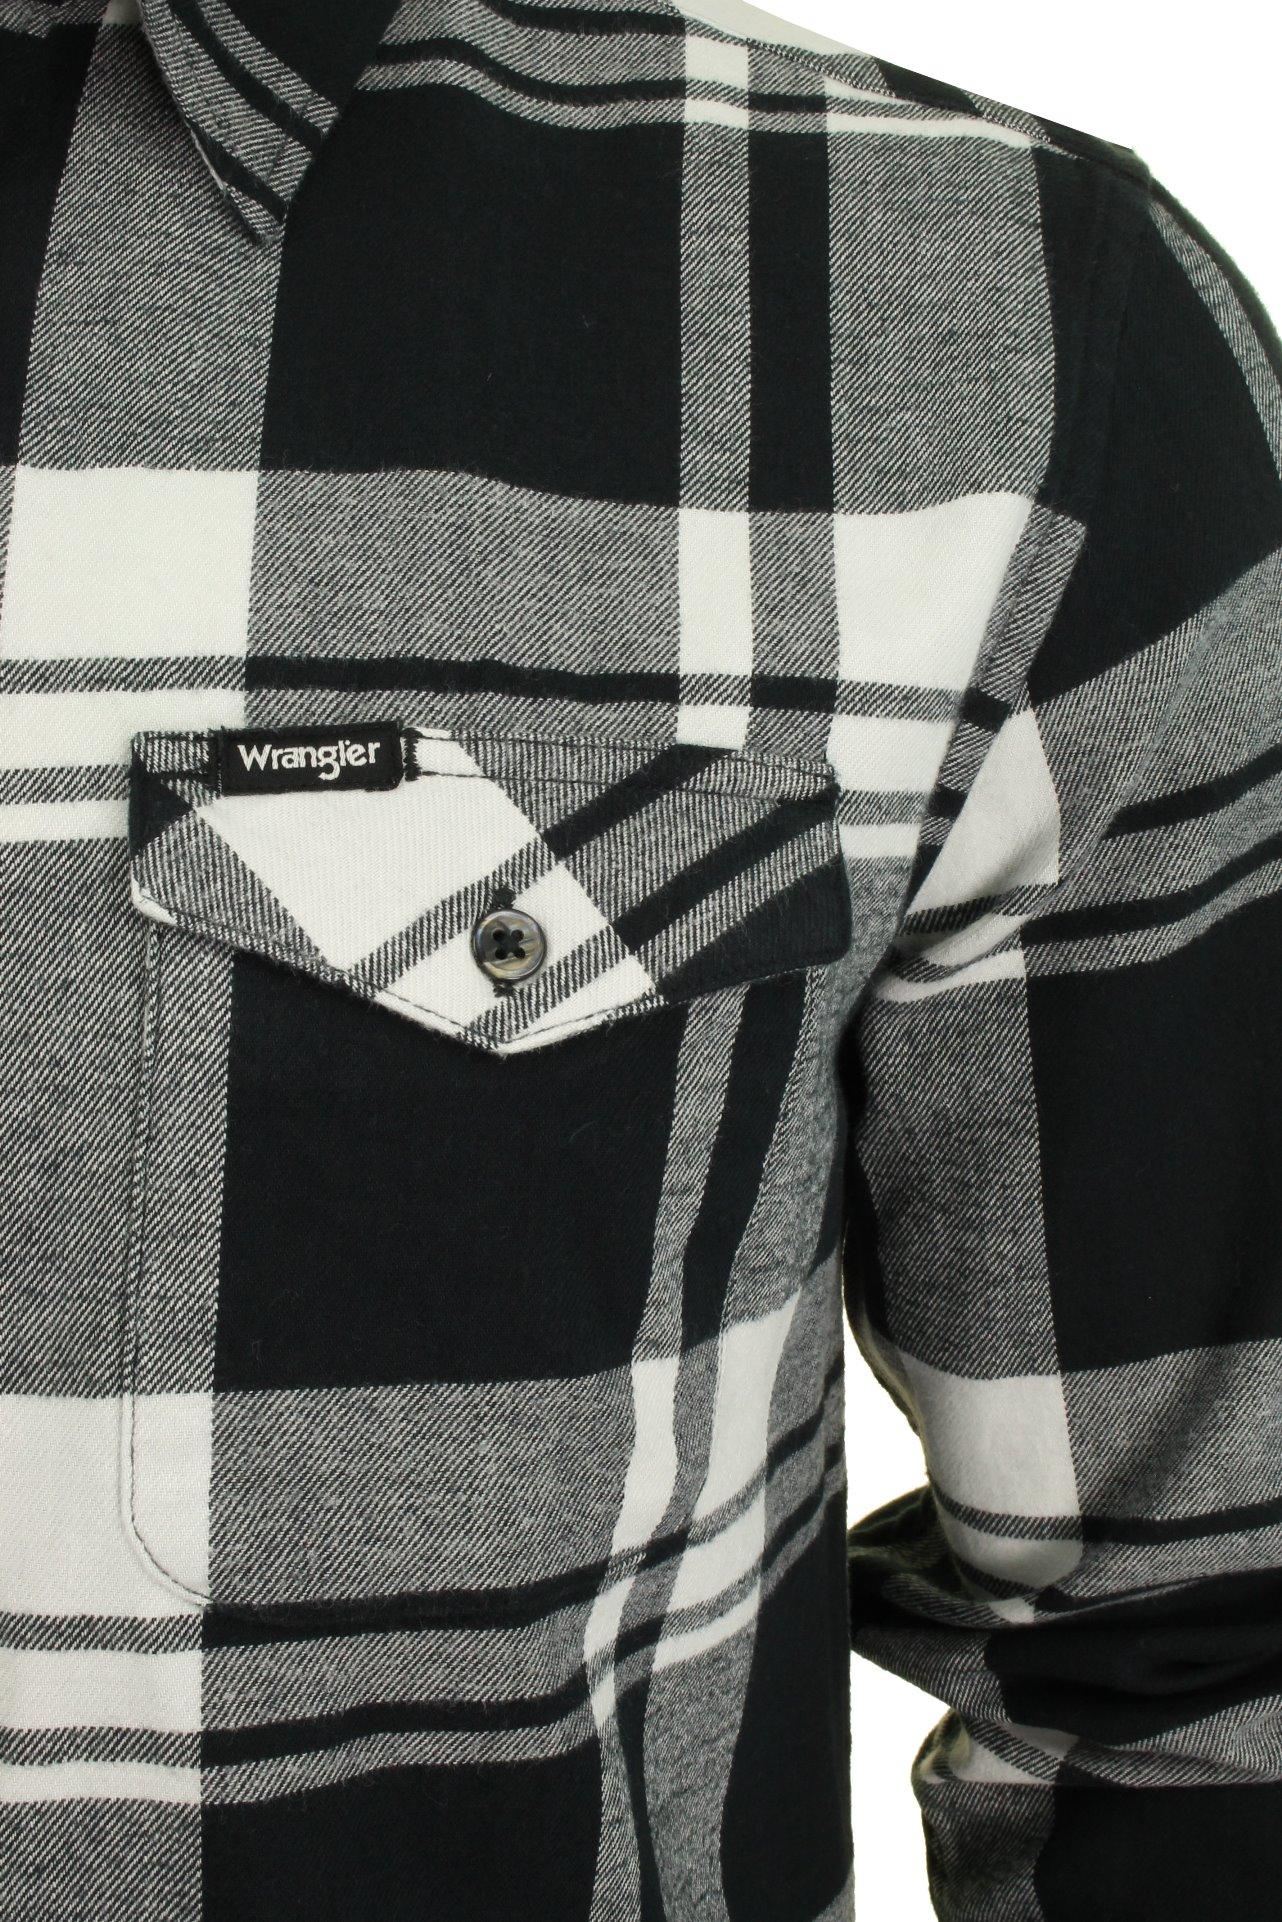 Da Uomo Wrangler patta tasca Check camicia a maniche lunghe